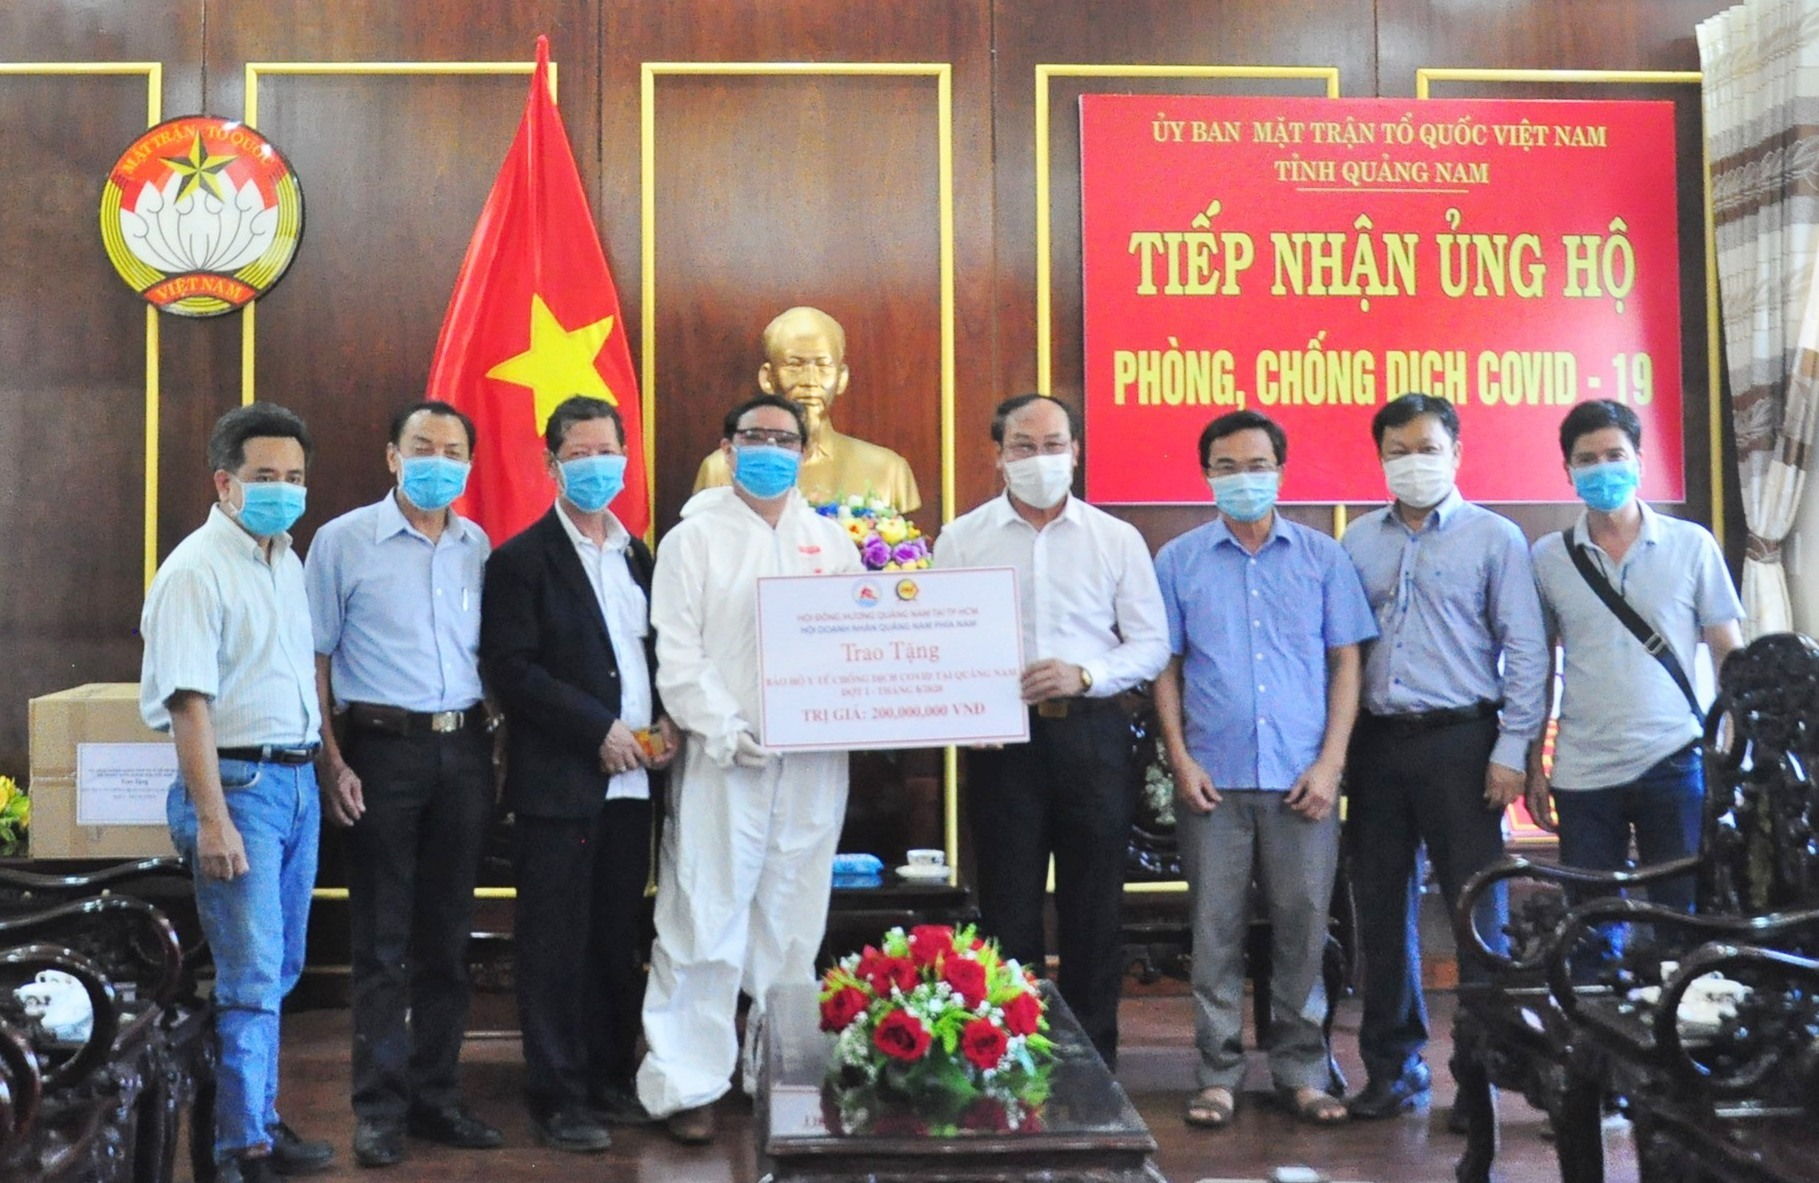 Hội đồng hương Quảng Nam tại TP.Hồ Chí Minh và Hội Doanh nhân Quảng Nam phía Nam tặng vật tư y tế phòng chống dịch Covid-19. Ảnh: VINH ANH